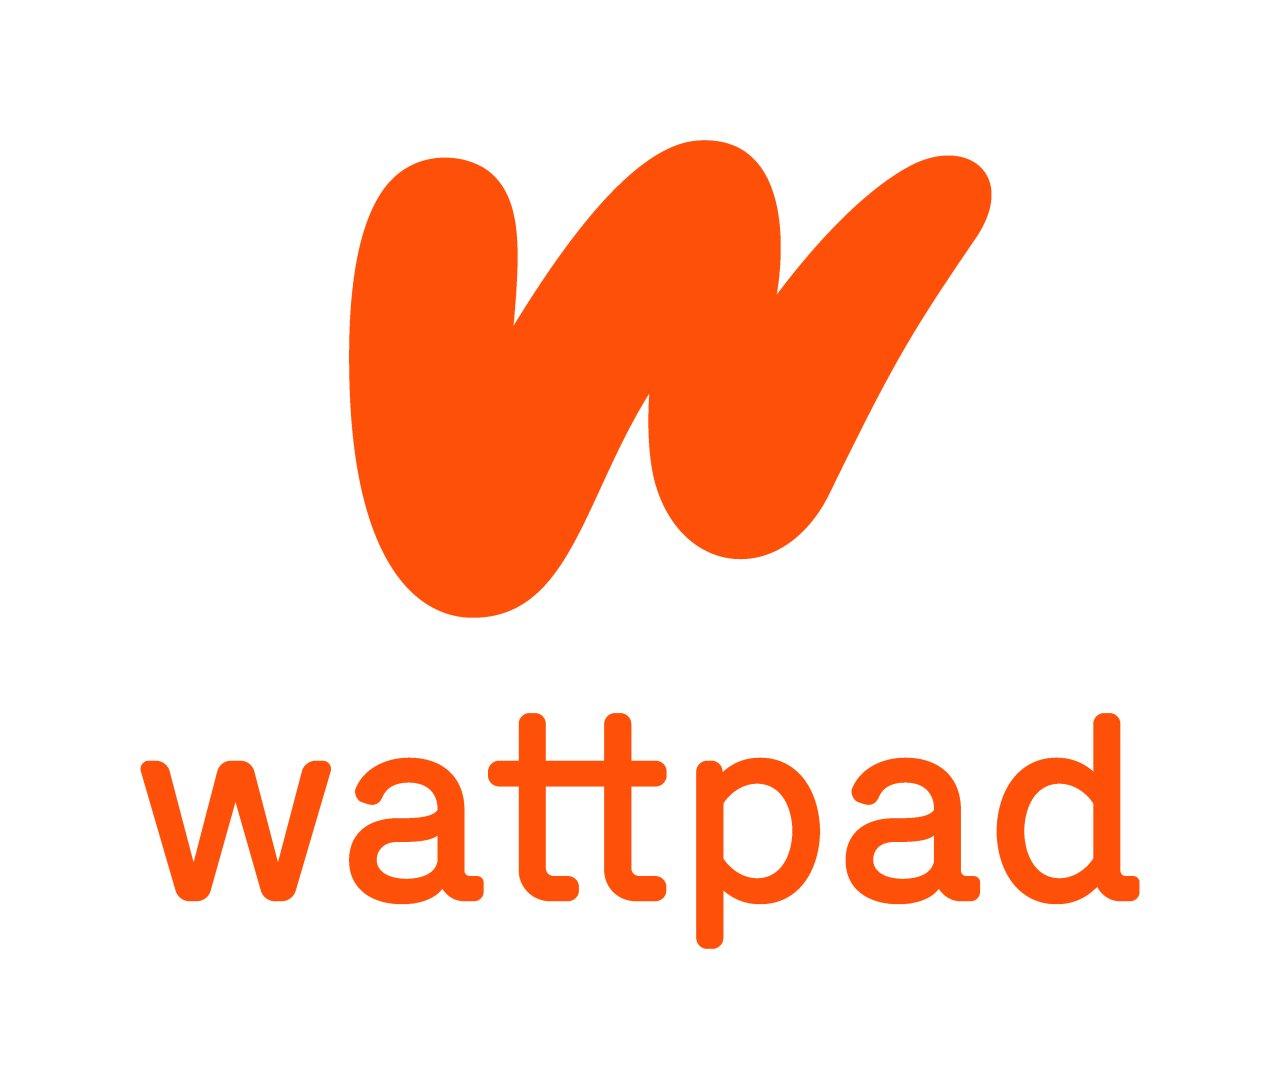 Wattpad logo (Naver)